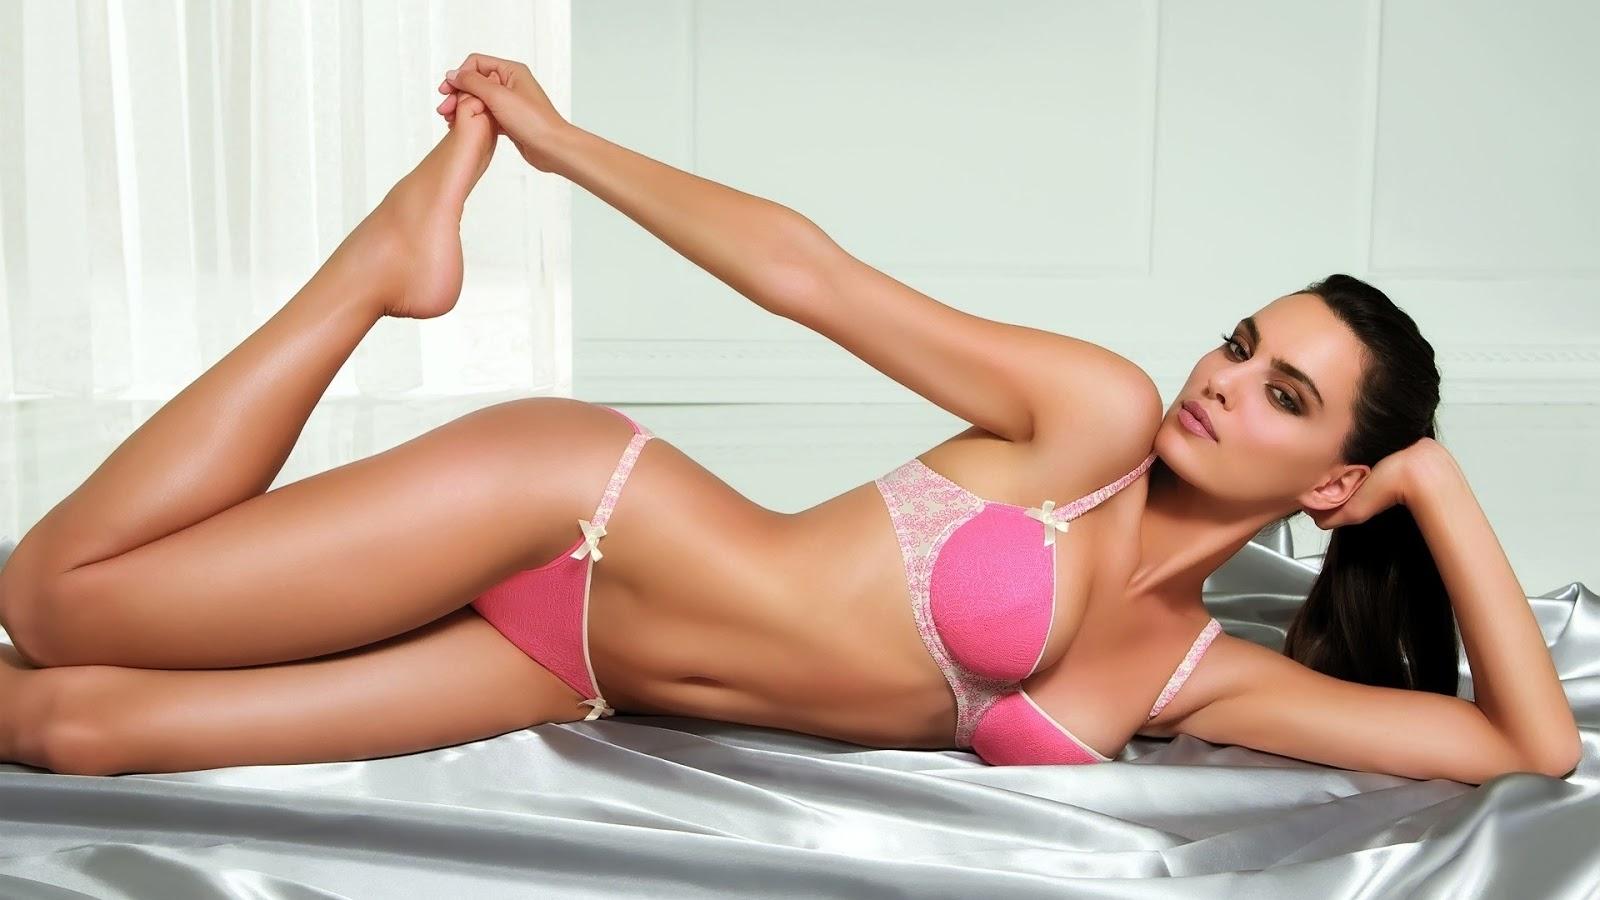 hot babes 4: